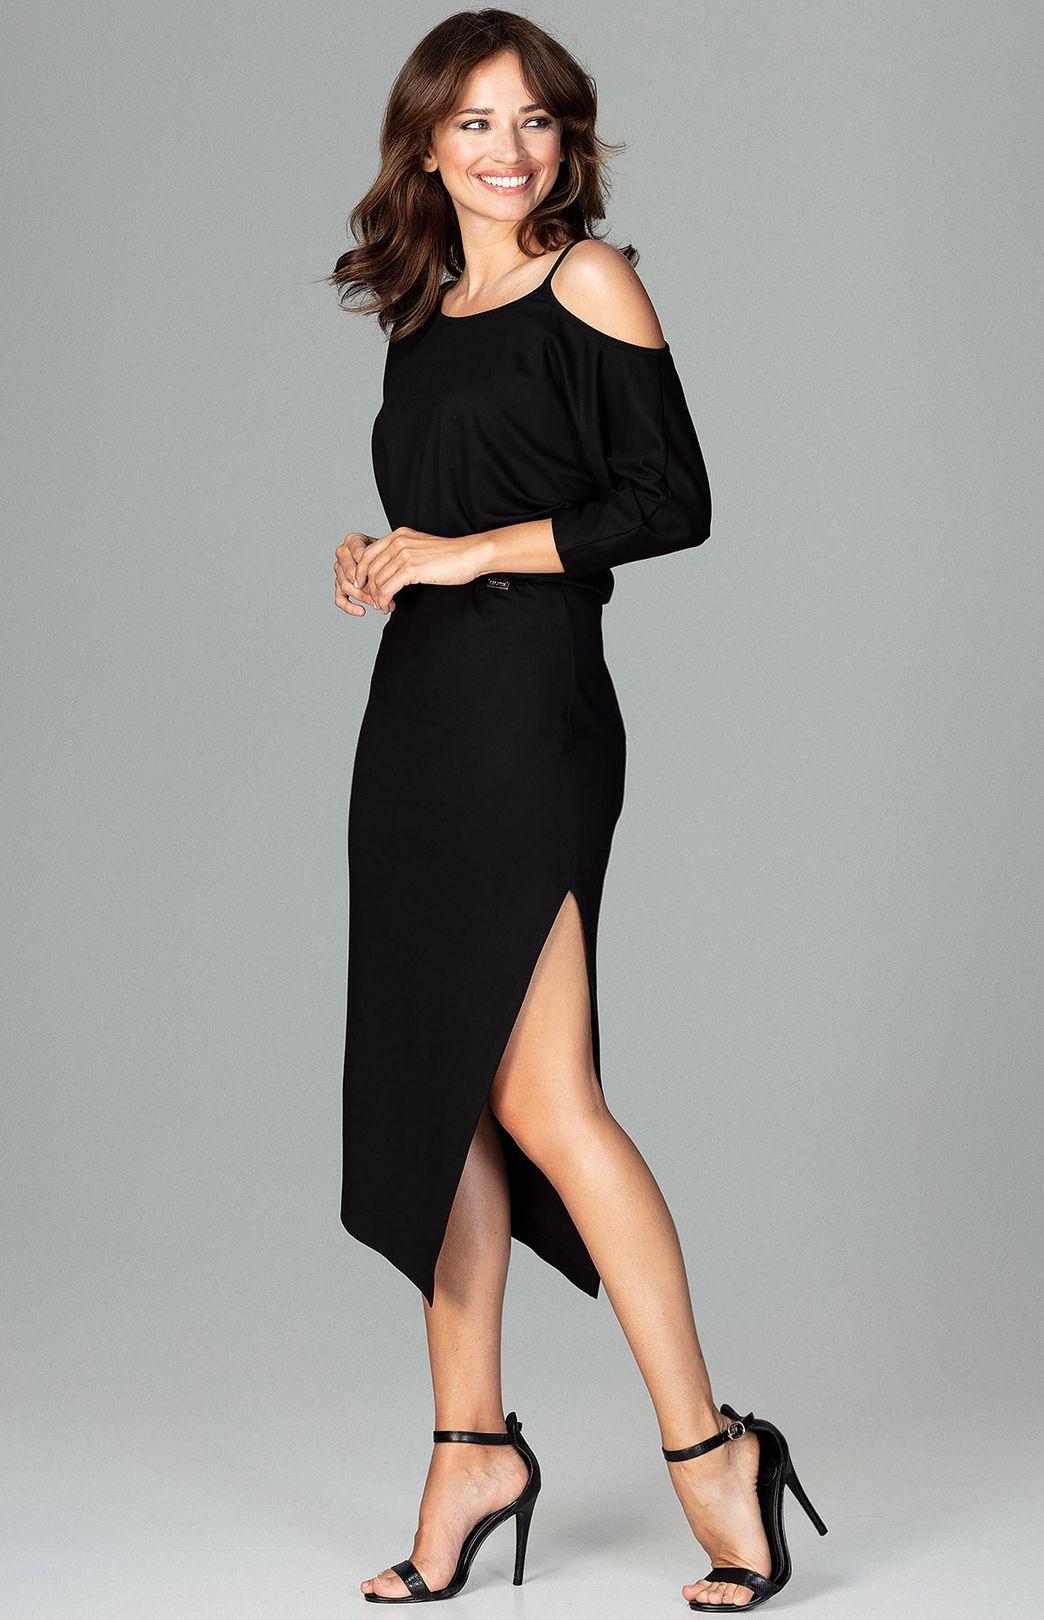 Robe Tango Asymetrique Noire Flk479n Idresstocode Boutique De Deshabilles Et Nuisettes Robes Et Jupes